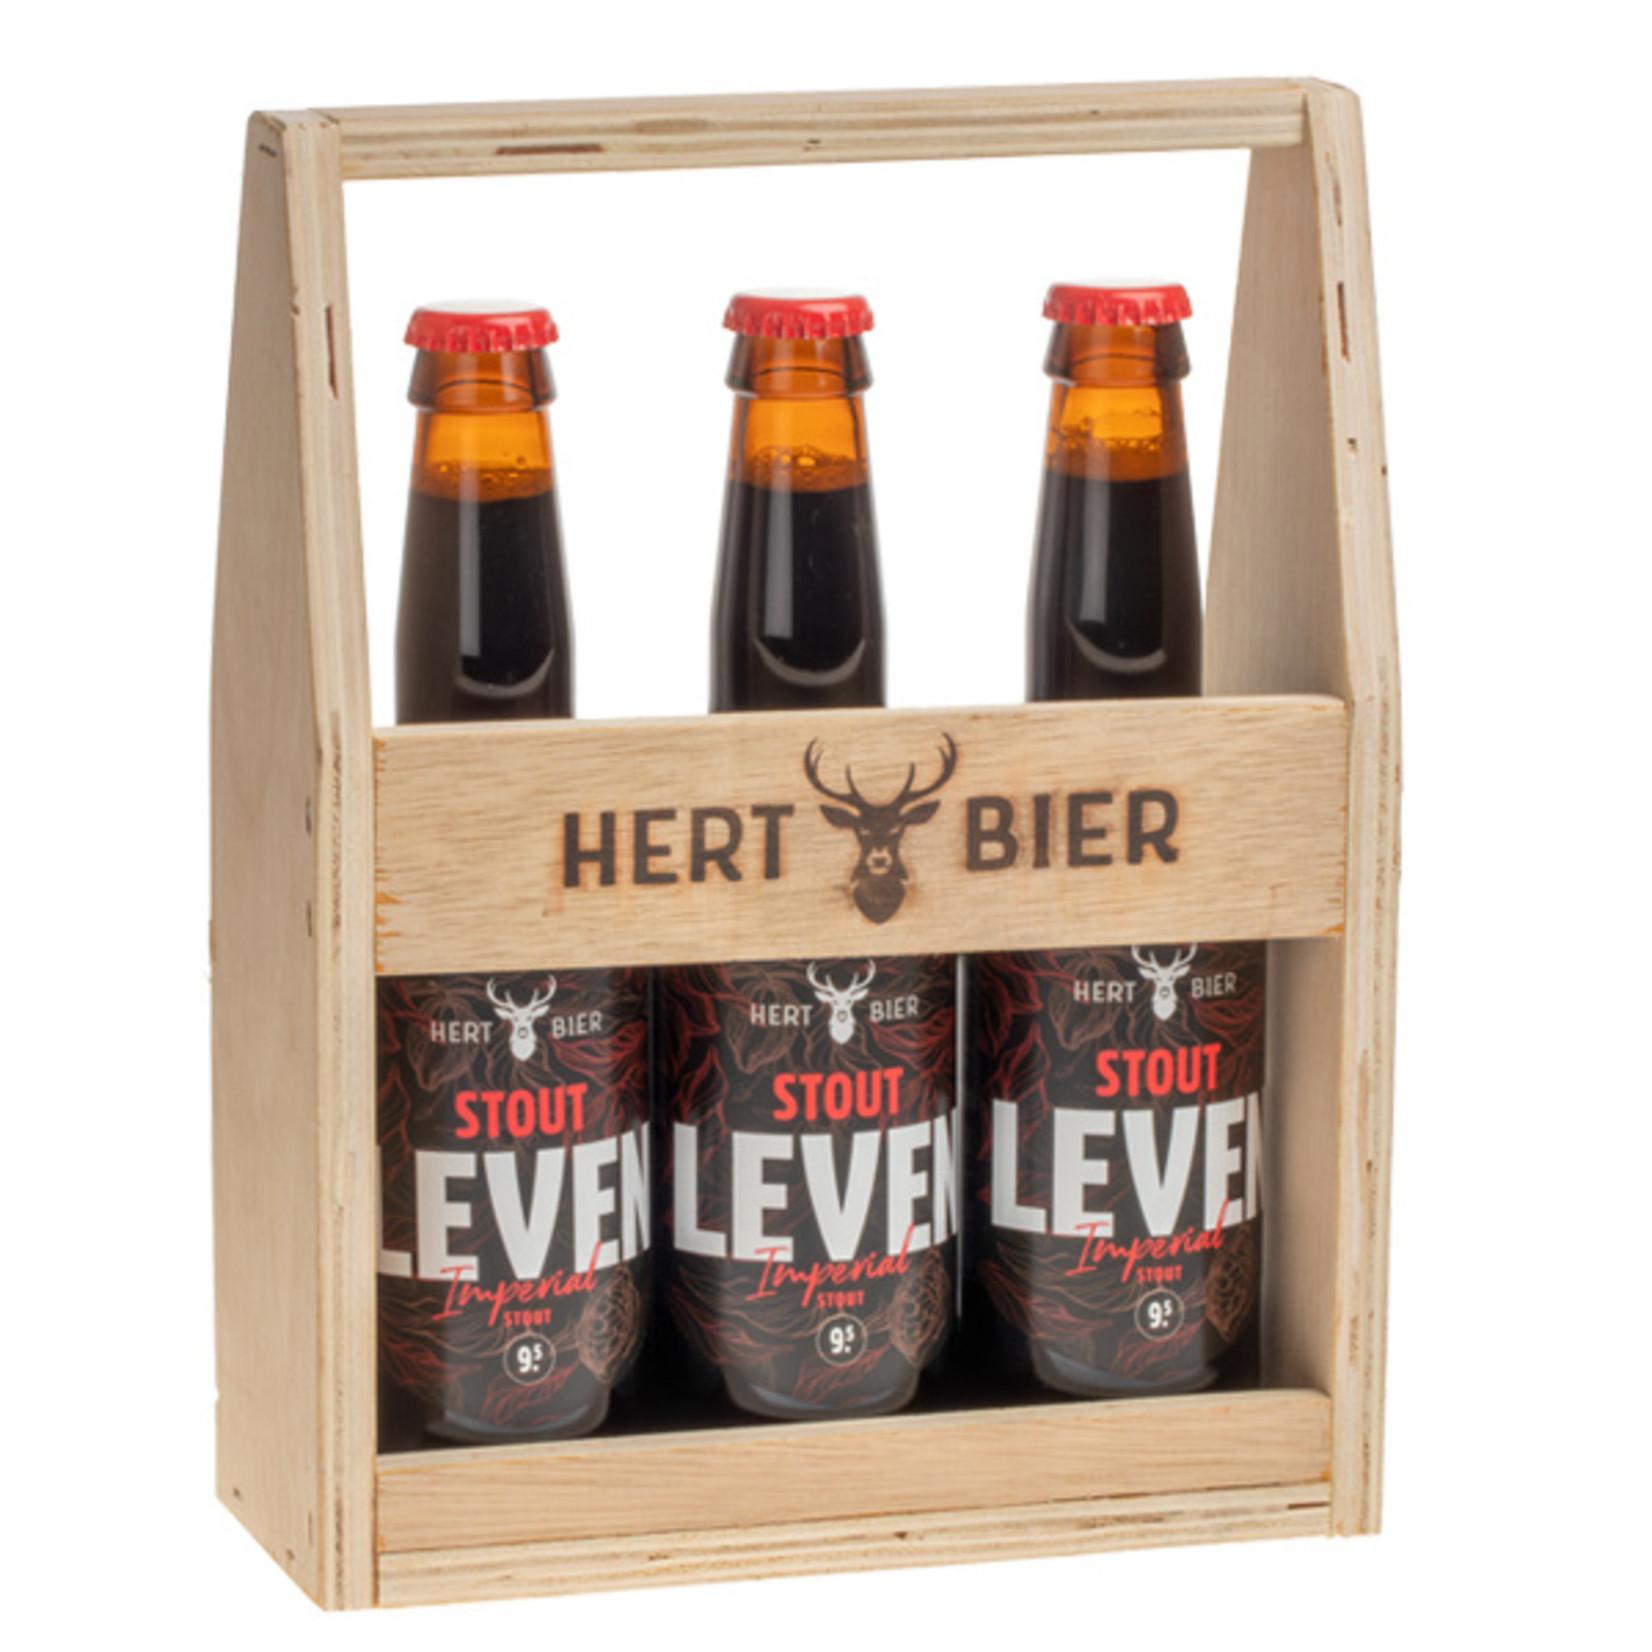 Hert Bier Bierkrat met 3x Stout Leven